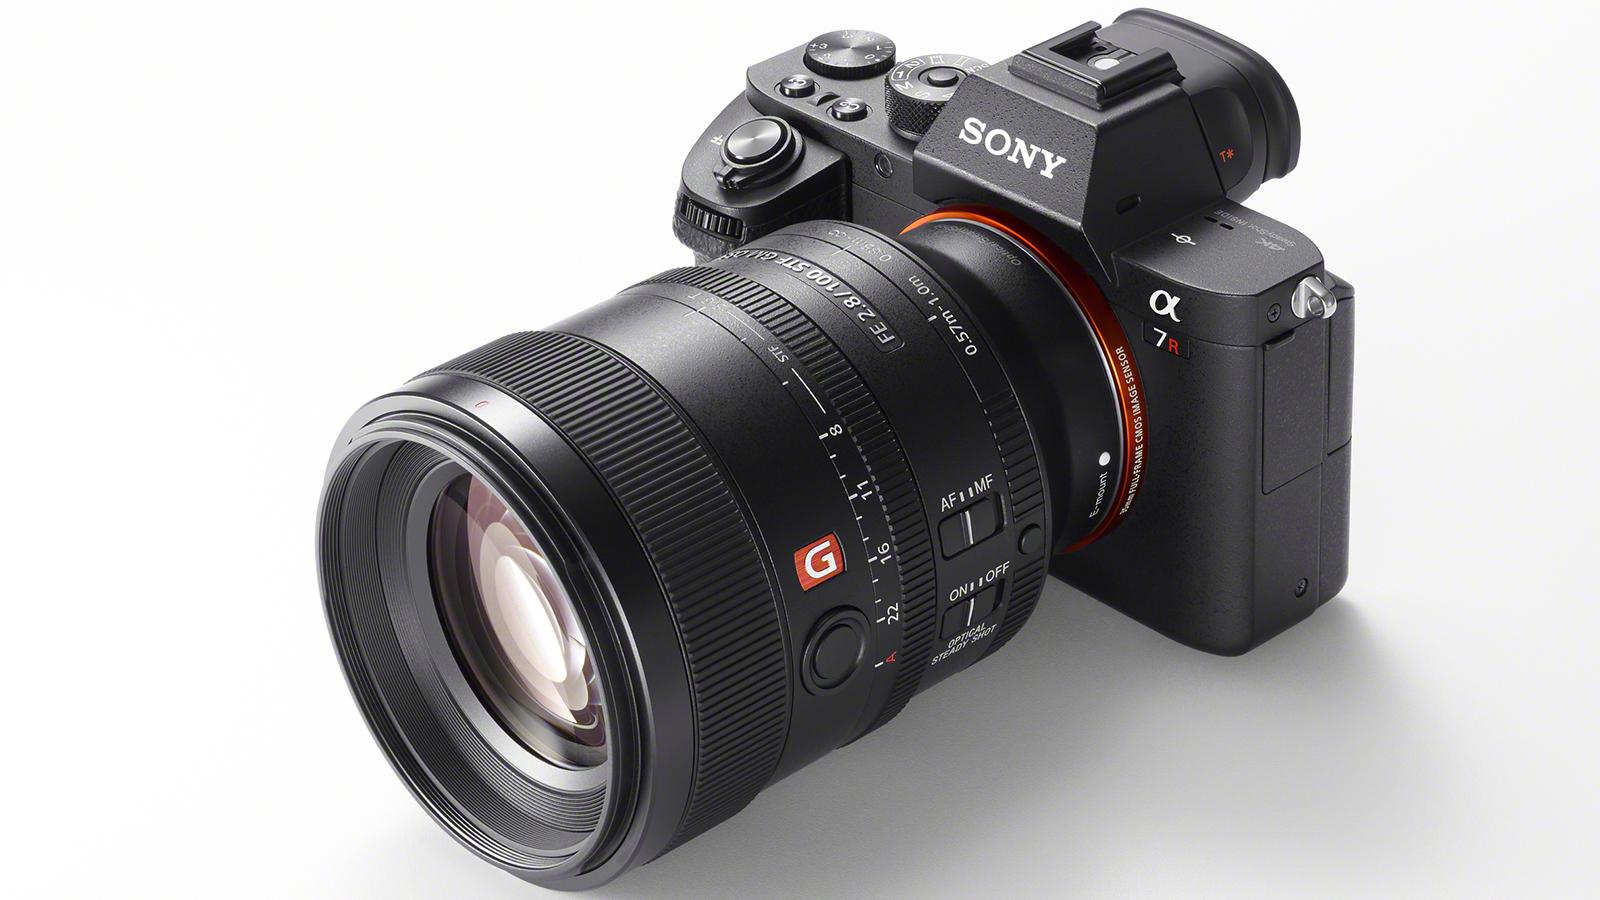 Kuumad kõlakad: Sony peagi näitab FE 16-35mm f/2.8 GM objektiivi